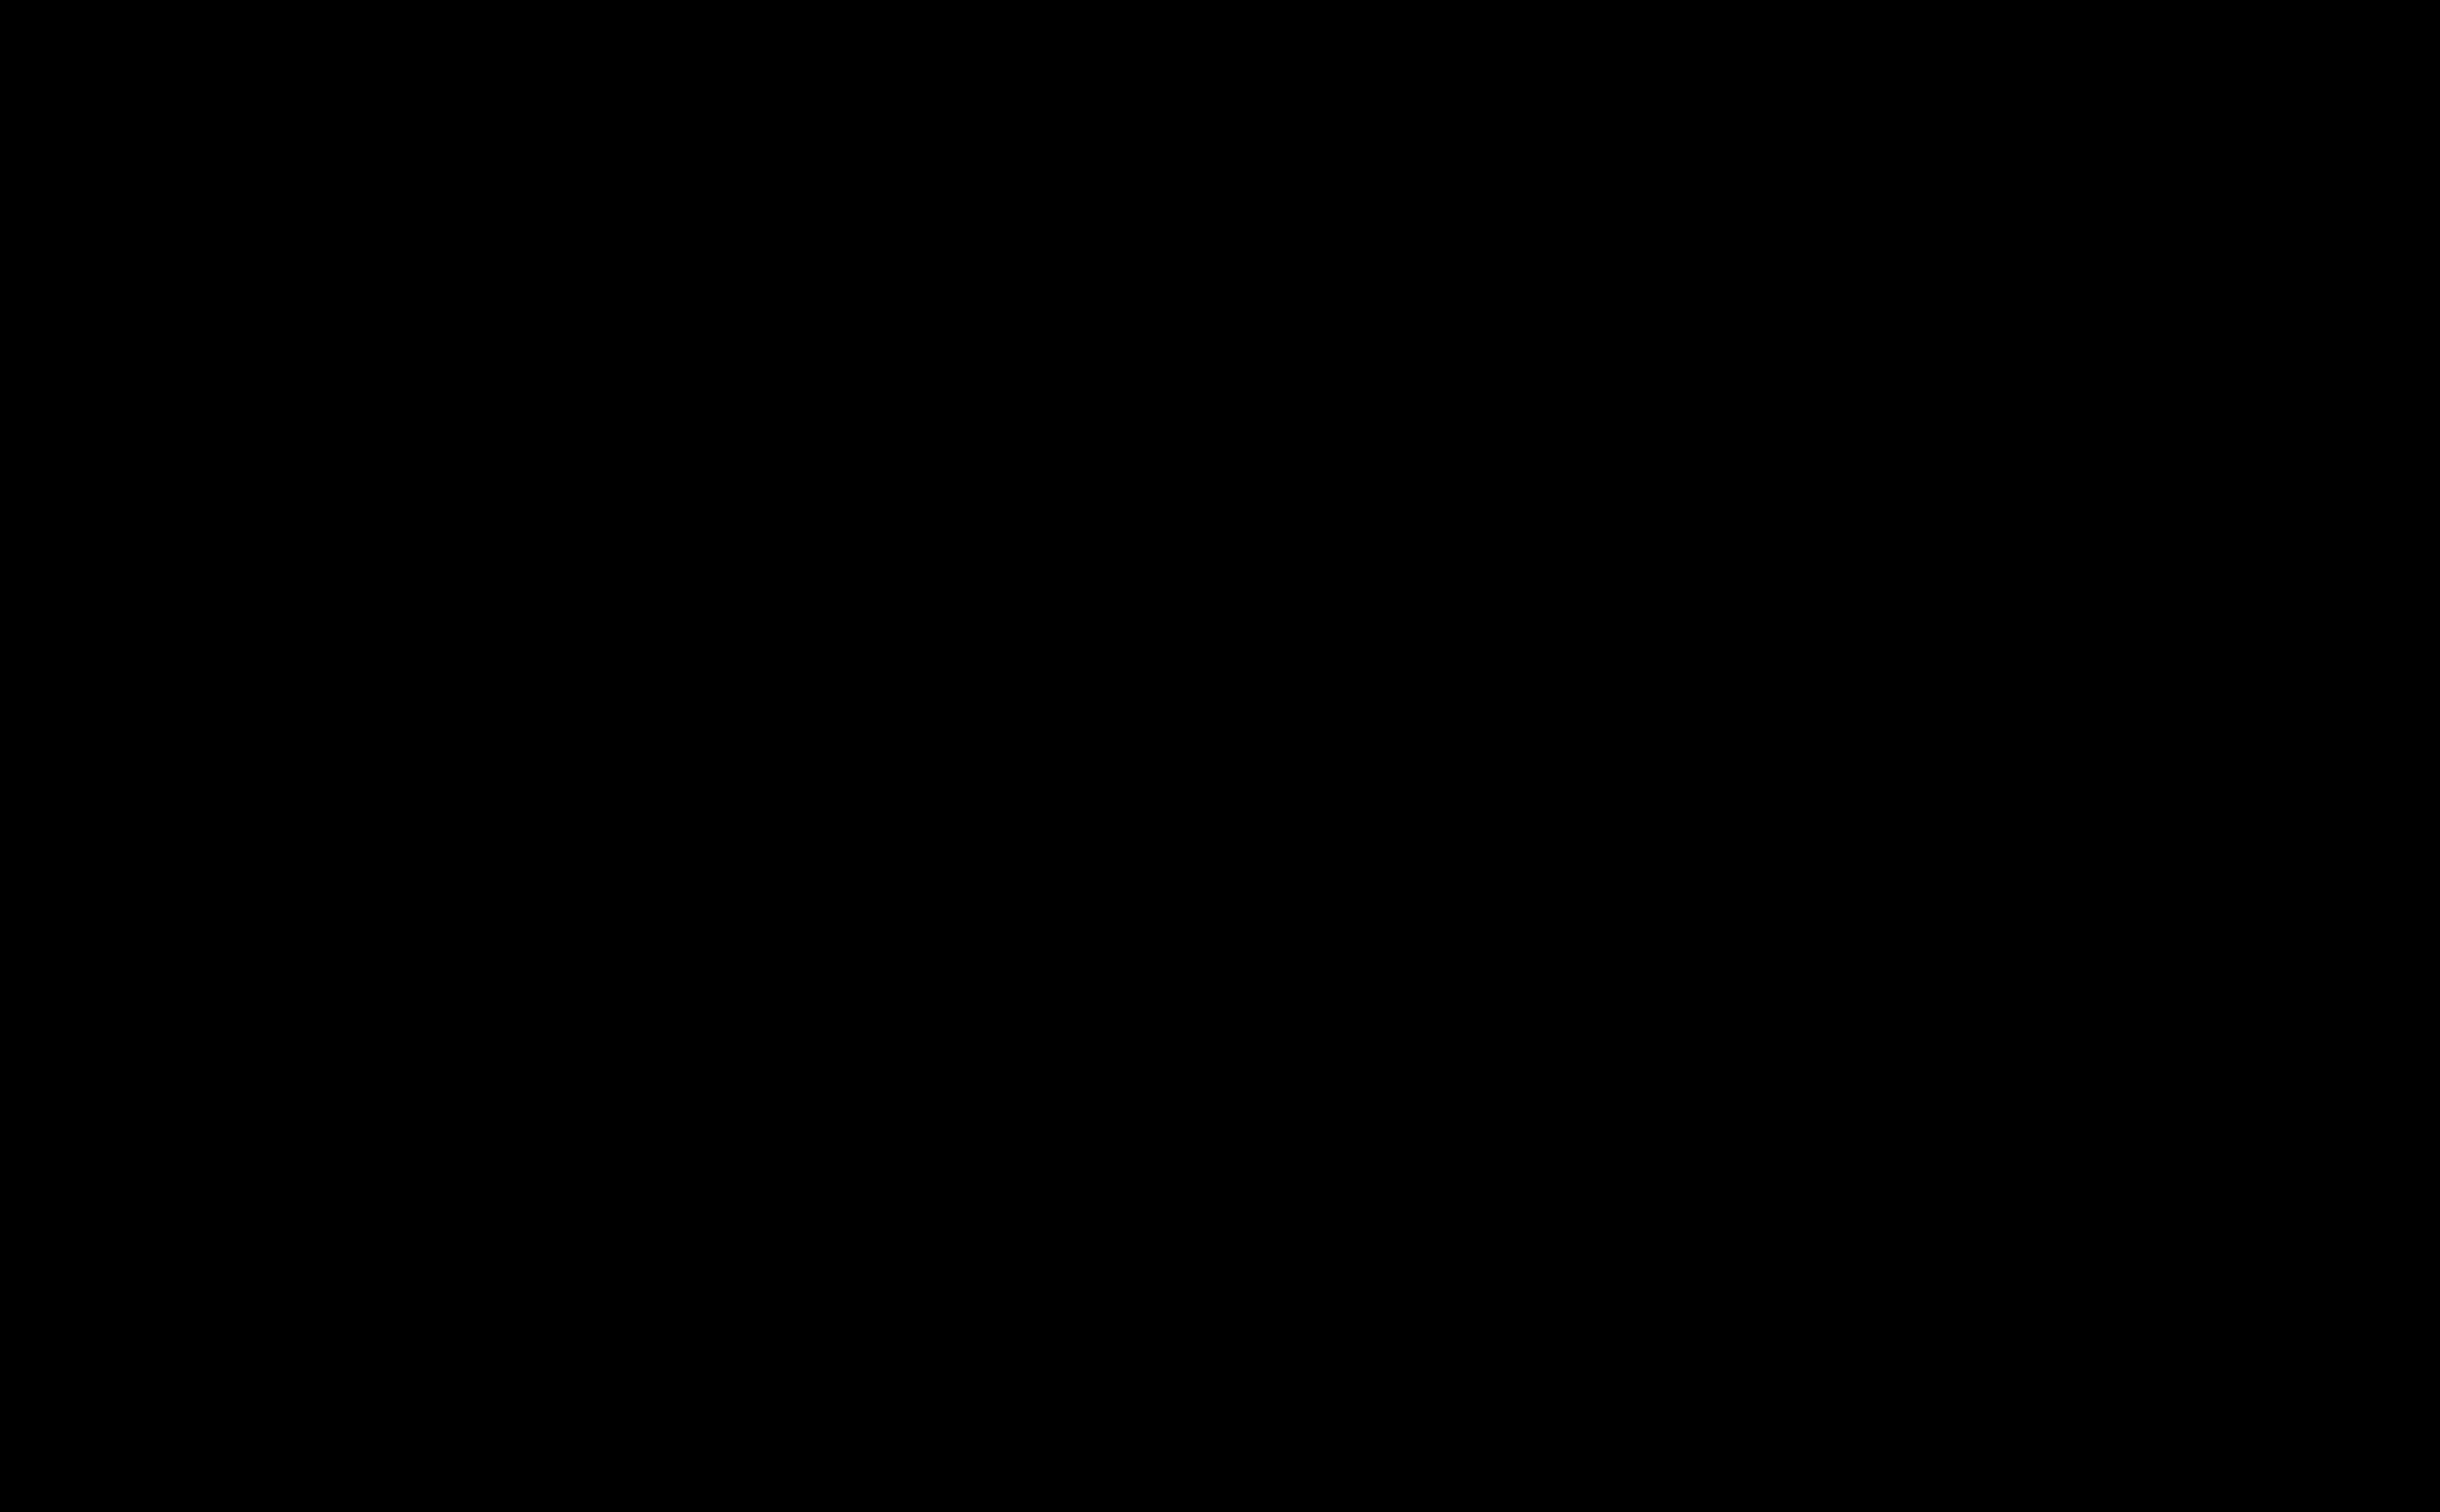 2021年新疆煤炭会邀请函(1)